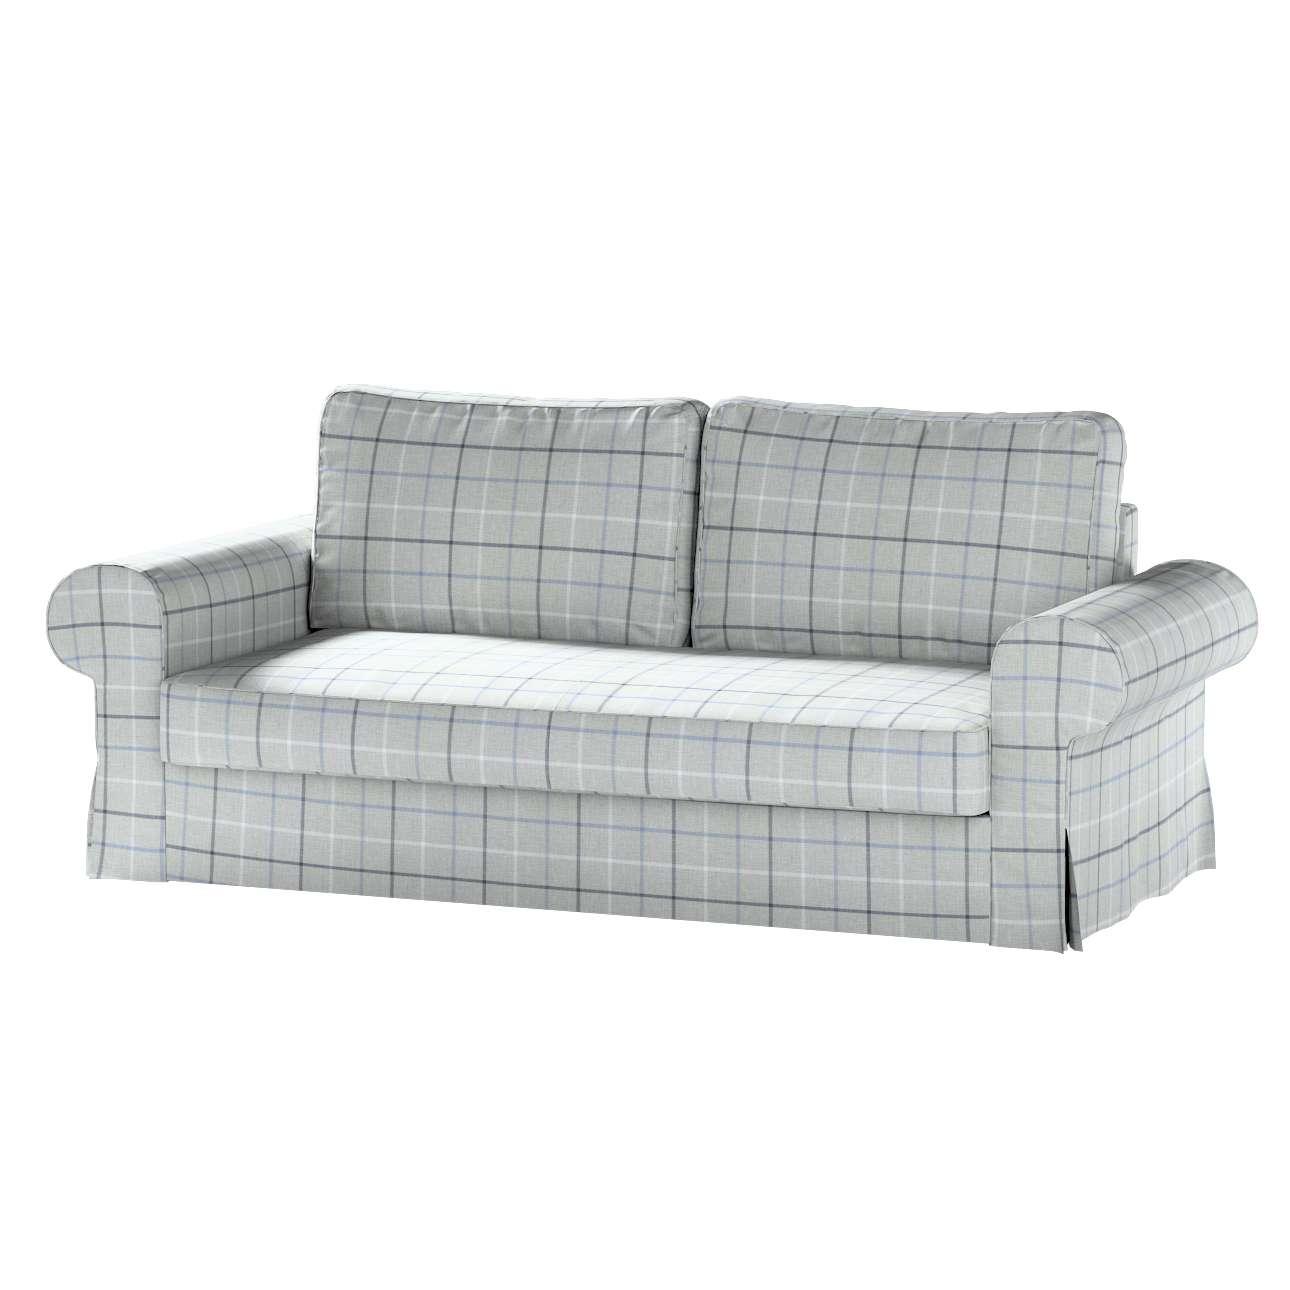 Pokrowiec na sofę Backabro 3-osobową rozkładaną w kolekcji Edinburgh, tkanina: 703-18